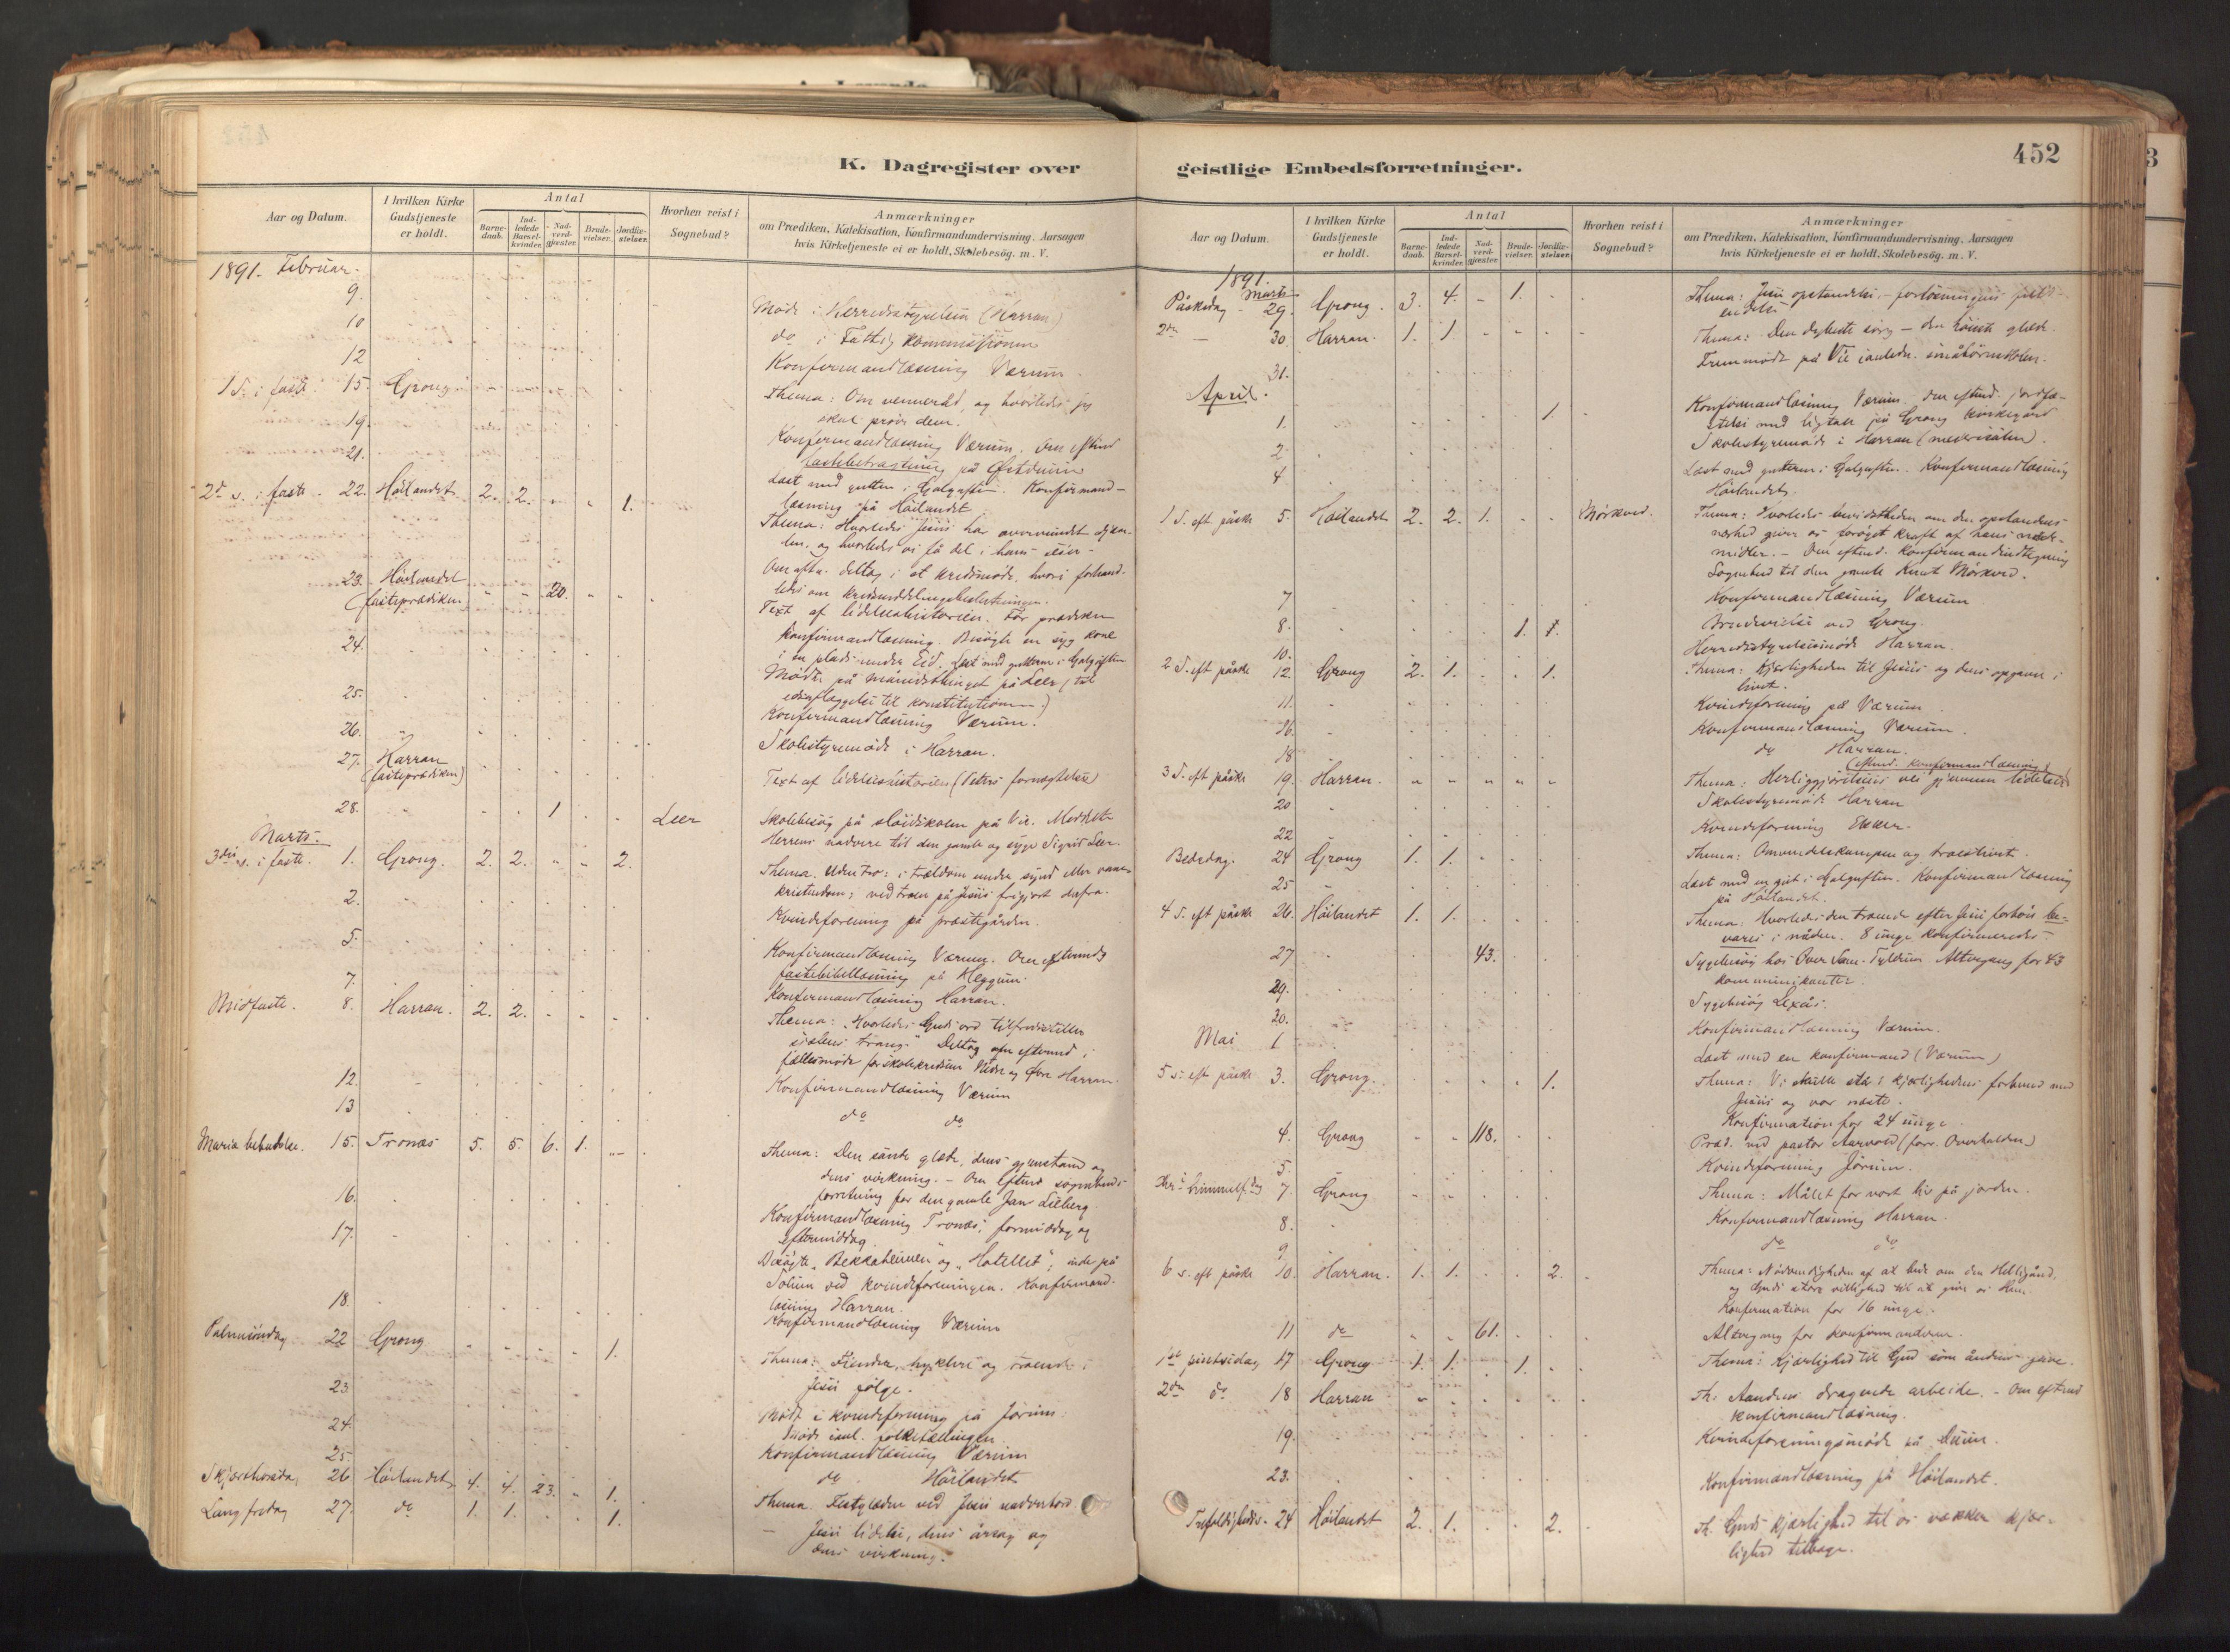 SAT, Ministerialprotokoller, klokkerbøker og fødselsregistre - Nord-Trøndelag, 758/L0519: Ministerialbok nr. 758A04, 1880-1926, s. 452